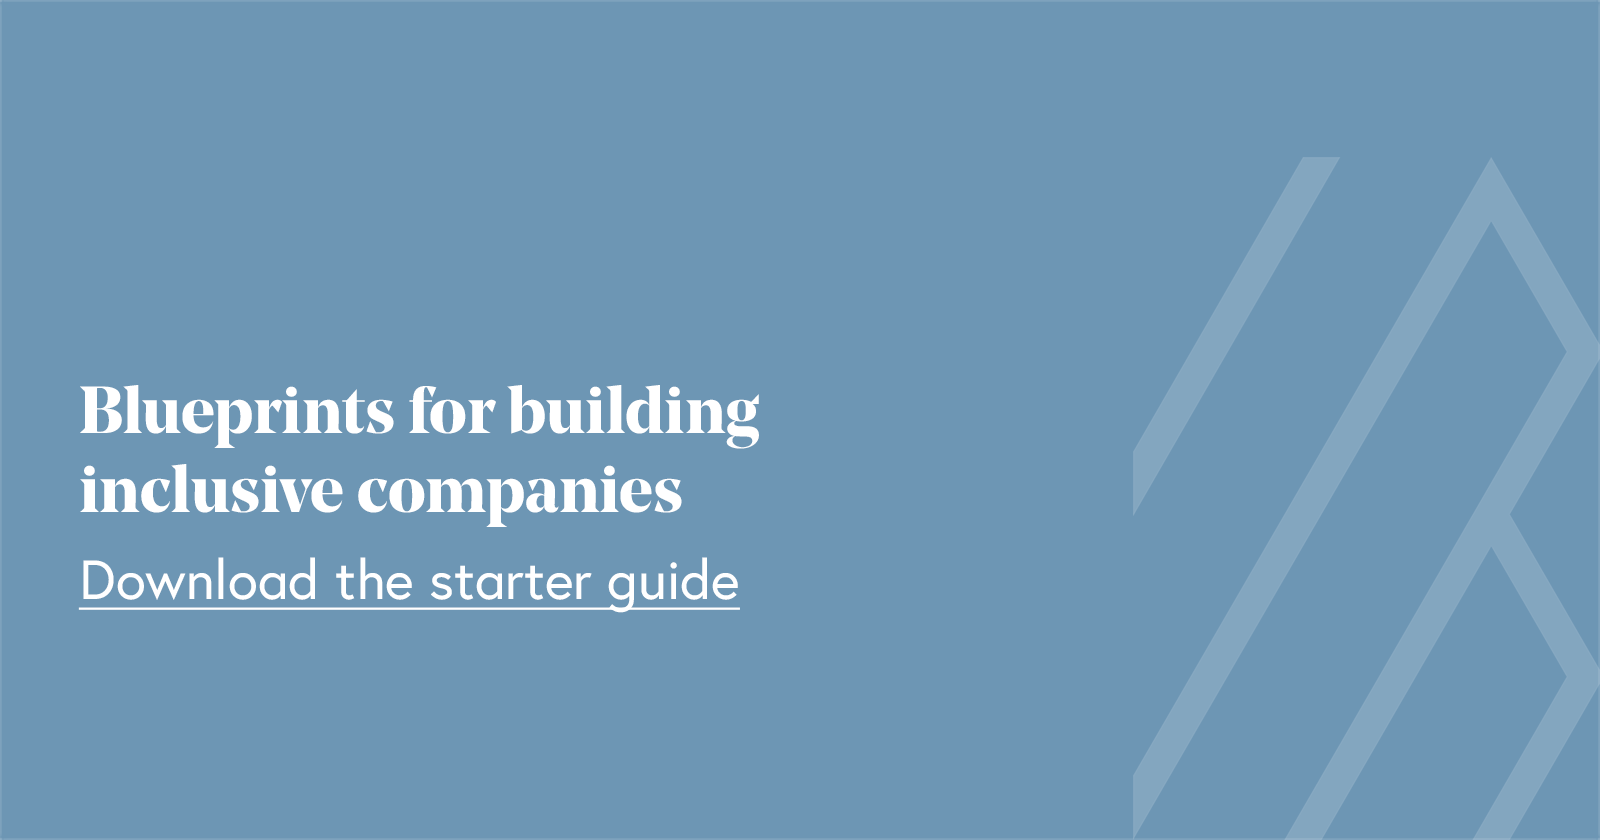 Blueprints for building inclusive companies